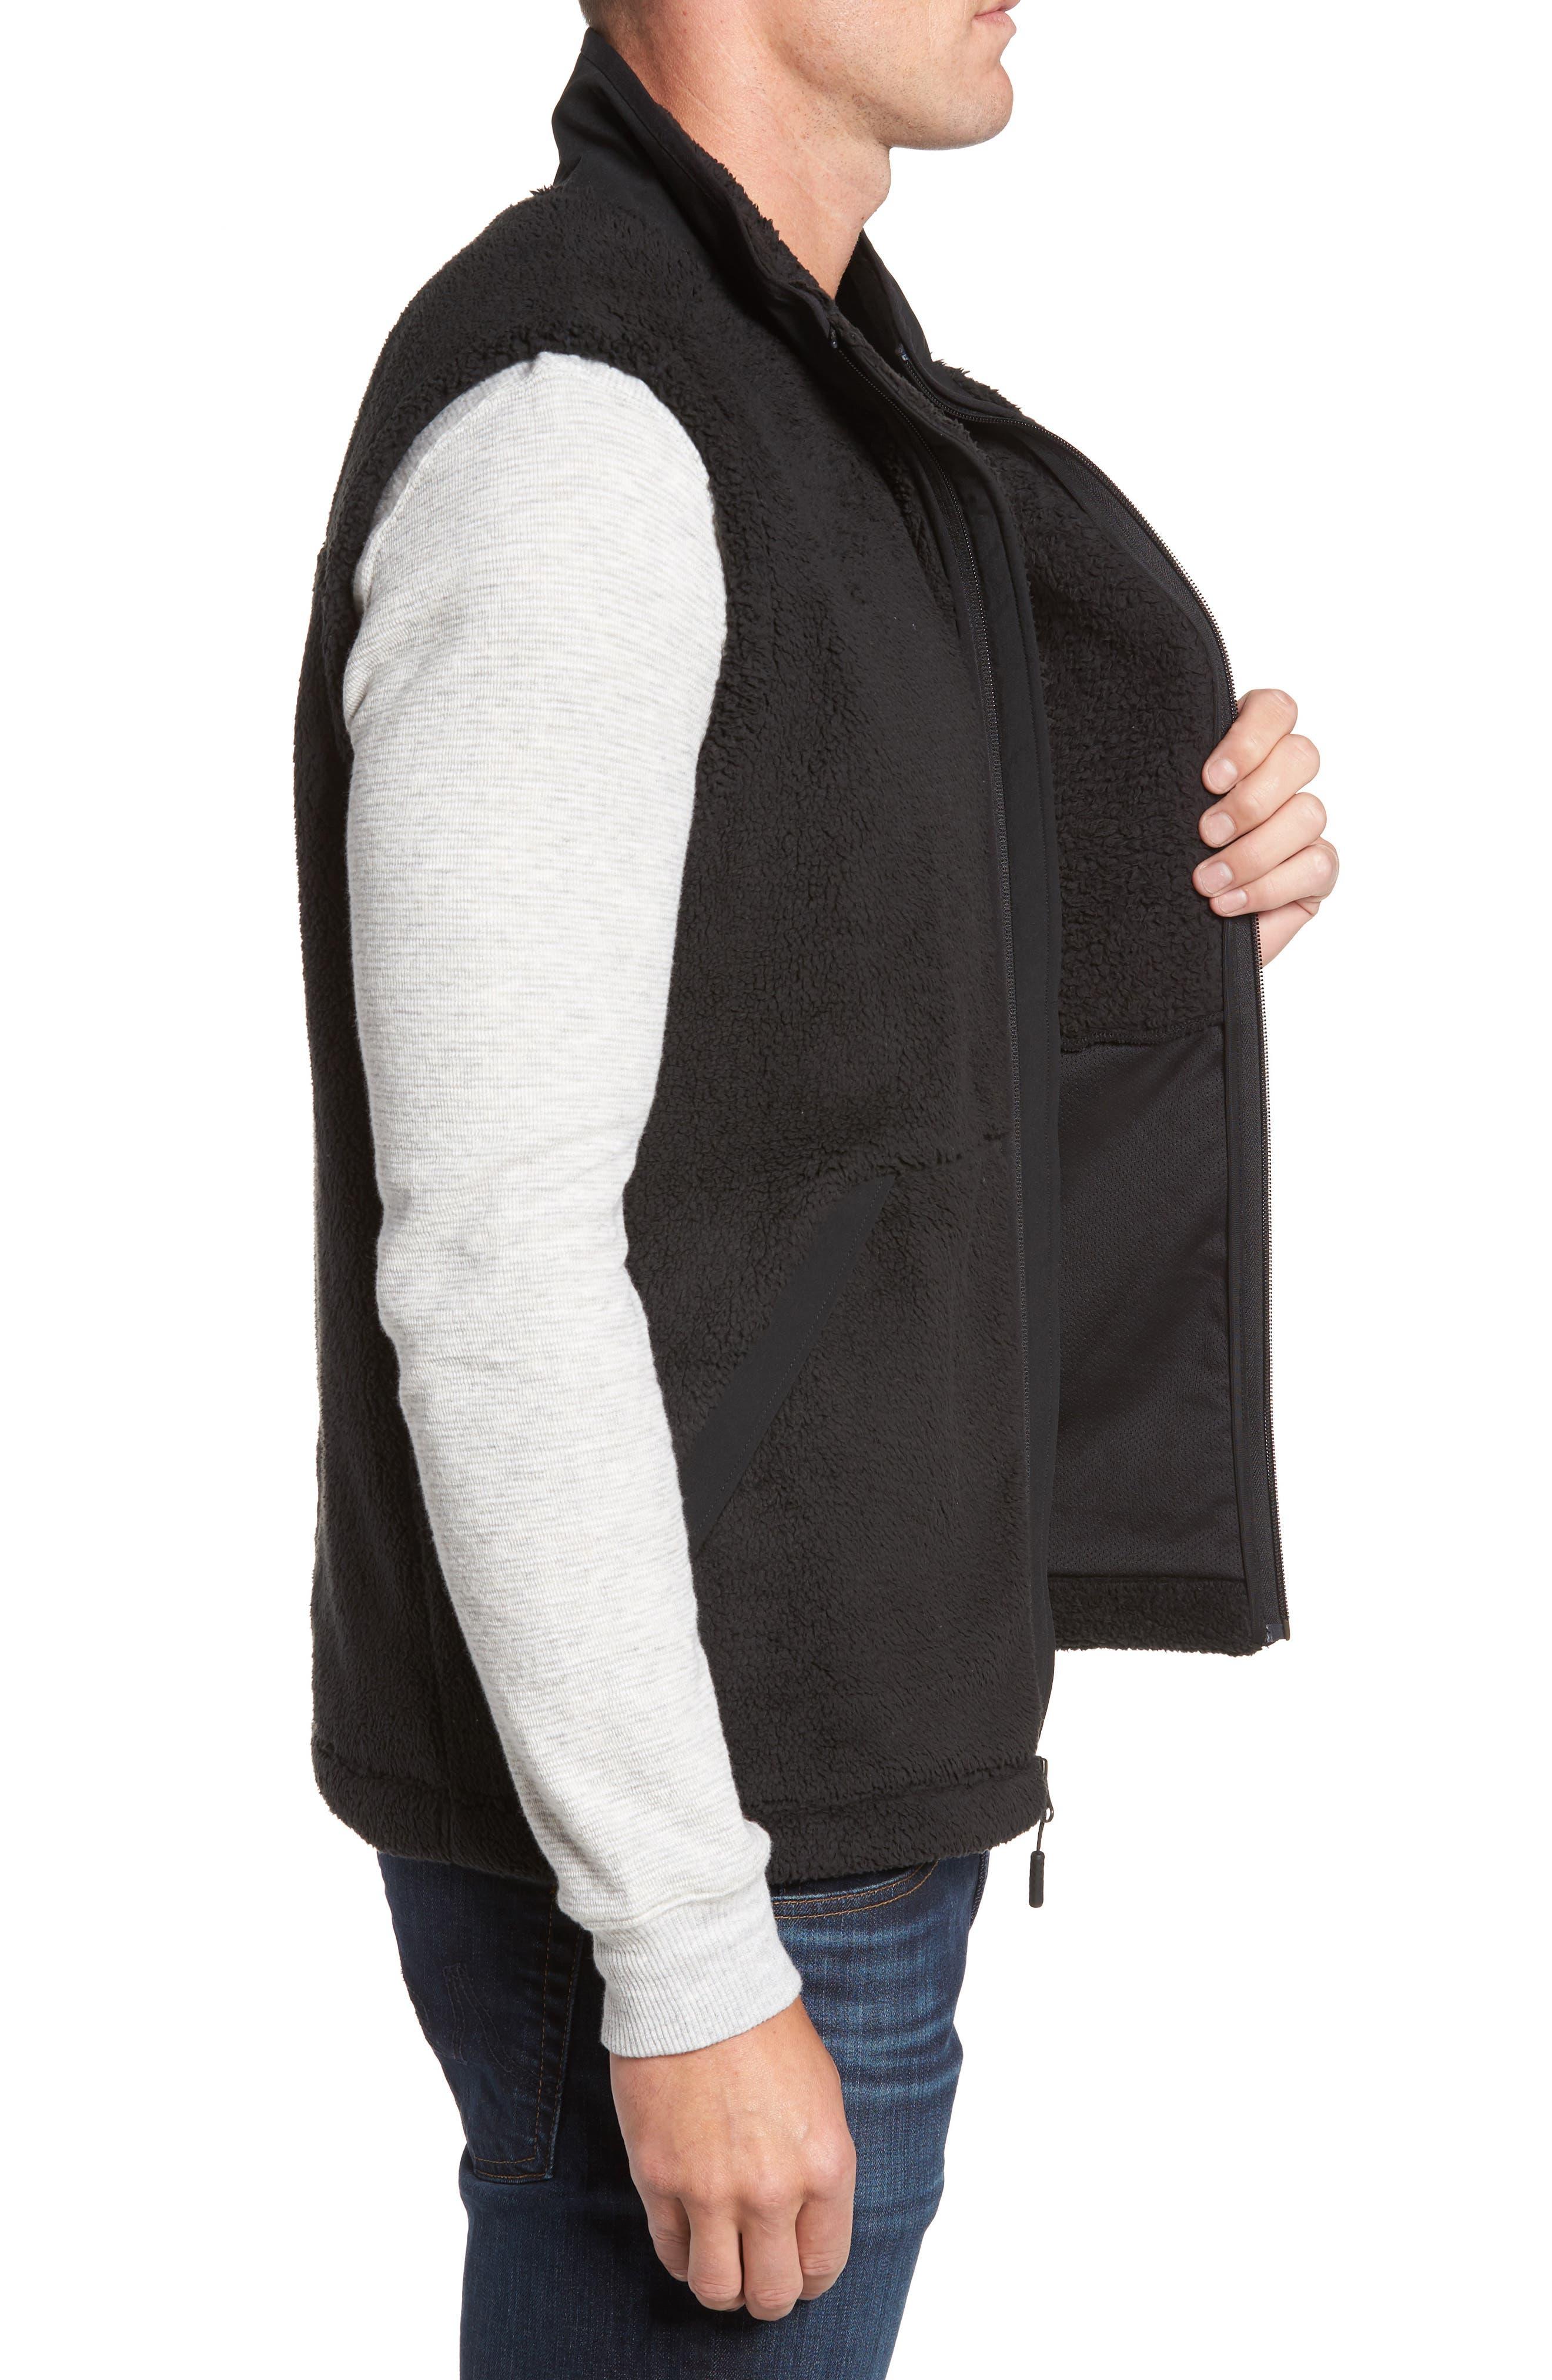 Campshire Fleece Vest,                             Alternate thumbnail 3, color,                             Black